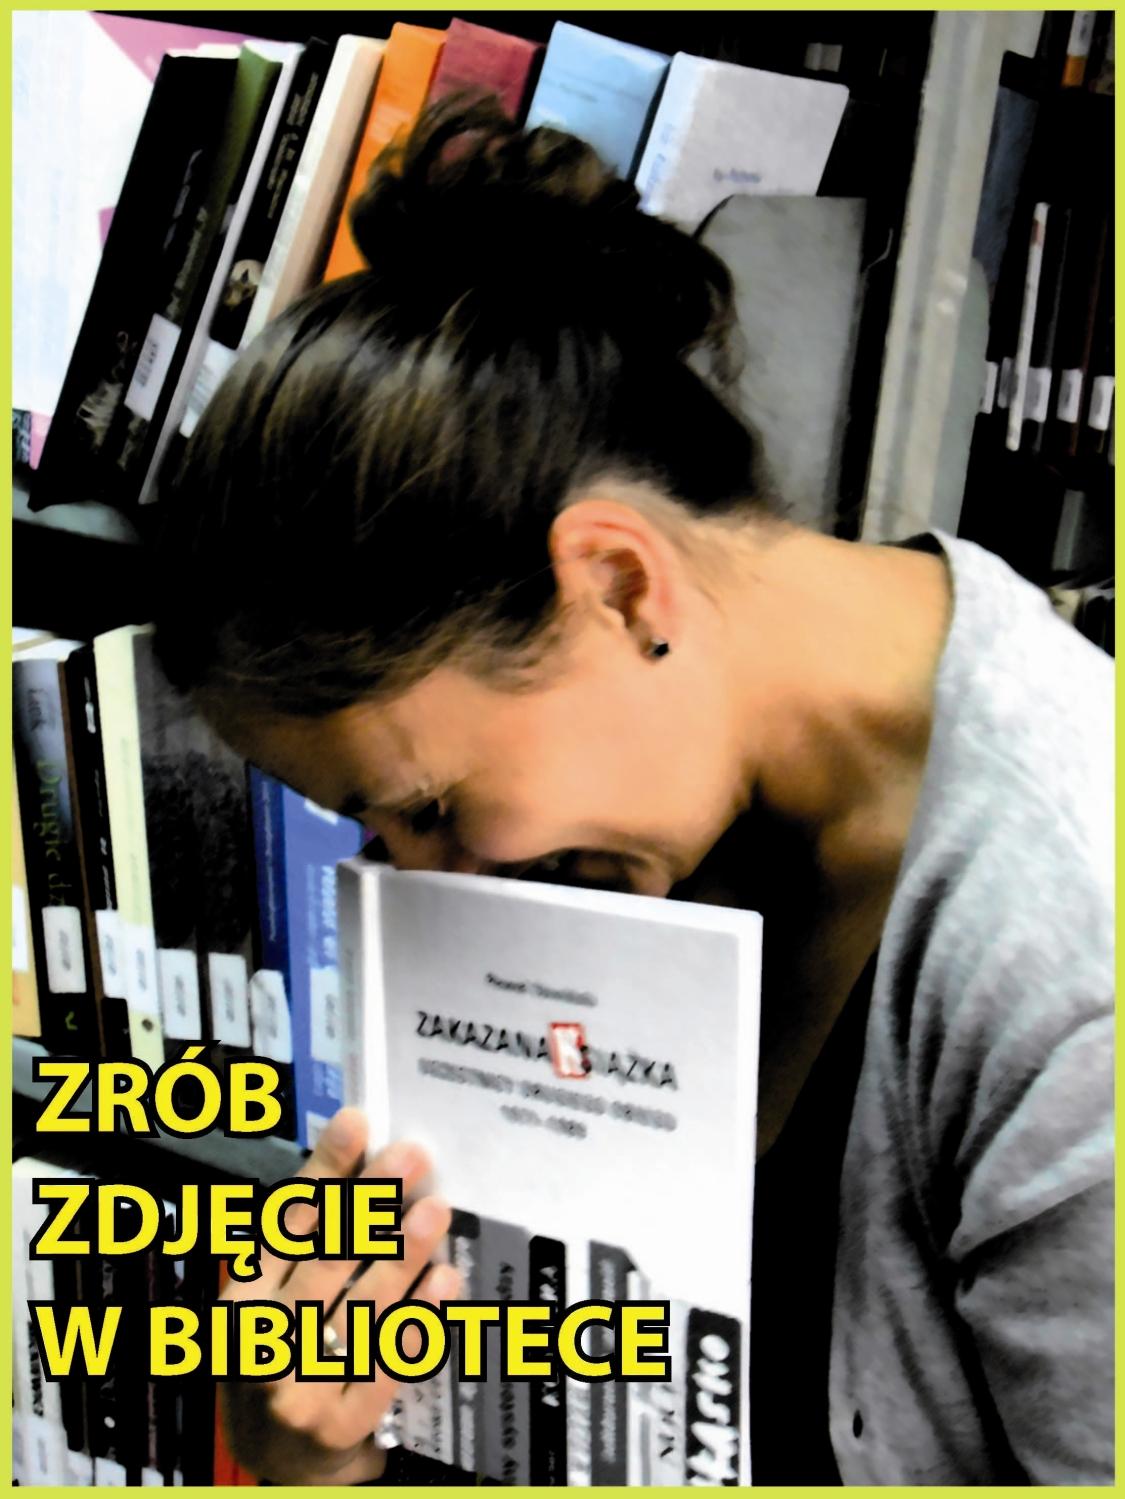 Zrob_zdjecie_w_bibliotece